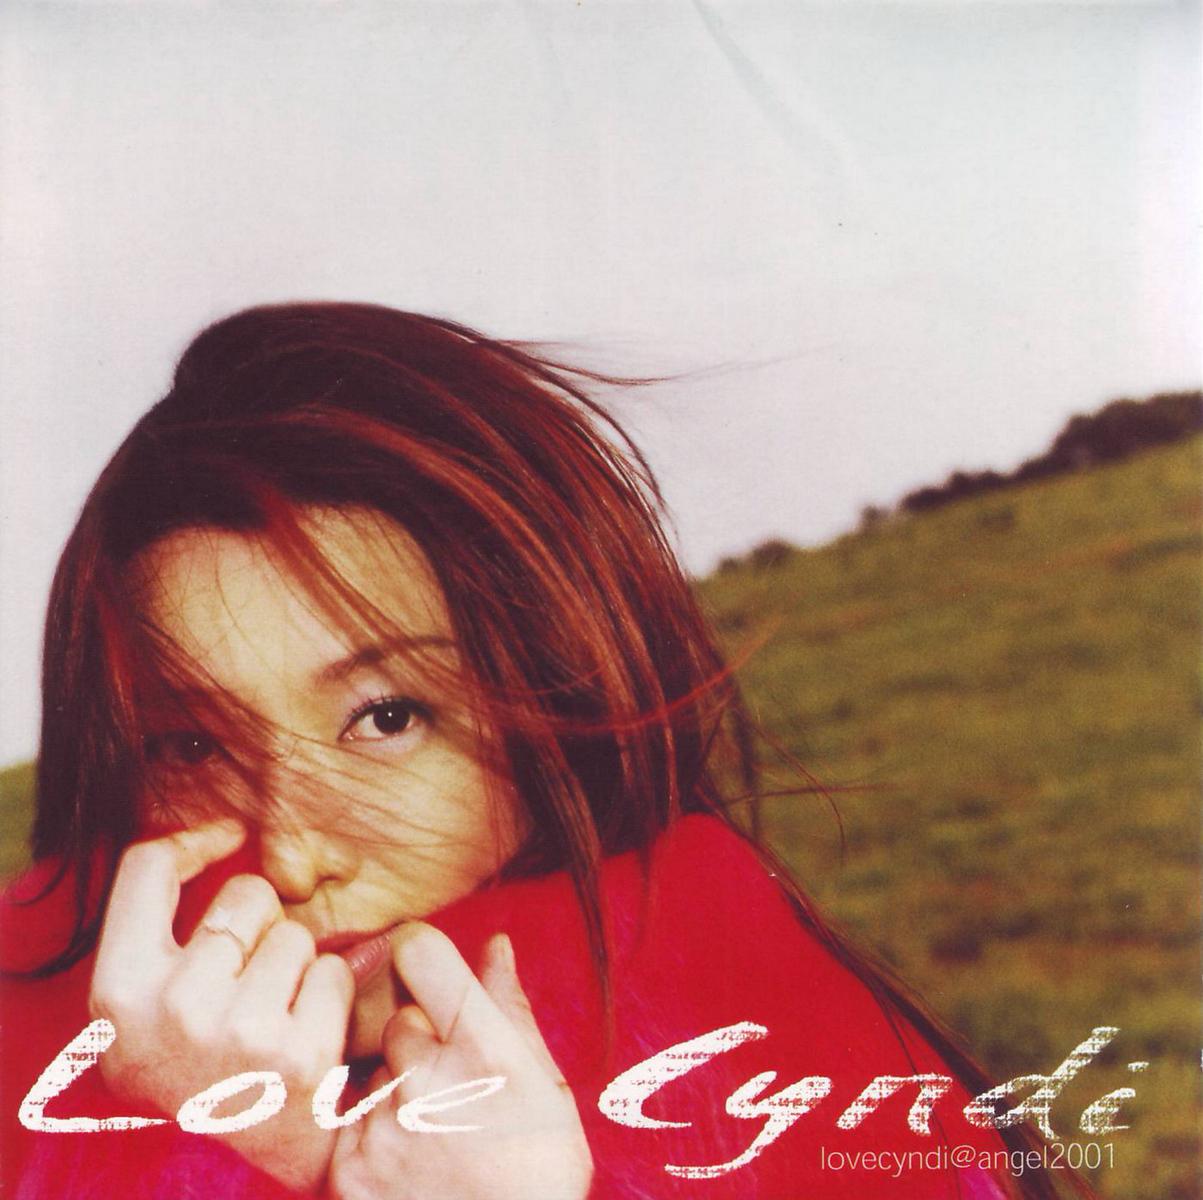 赵咏华 Love Cyndi